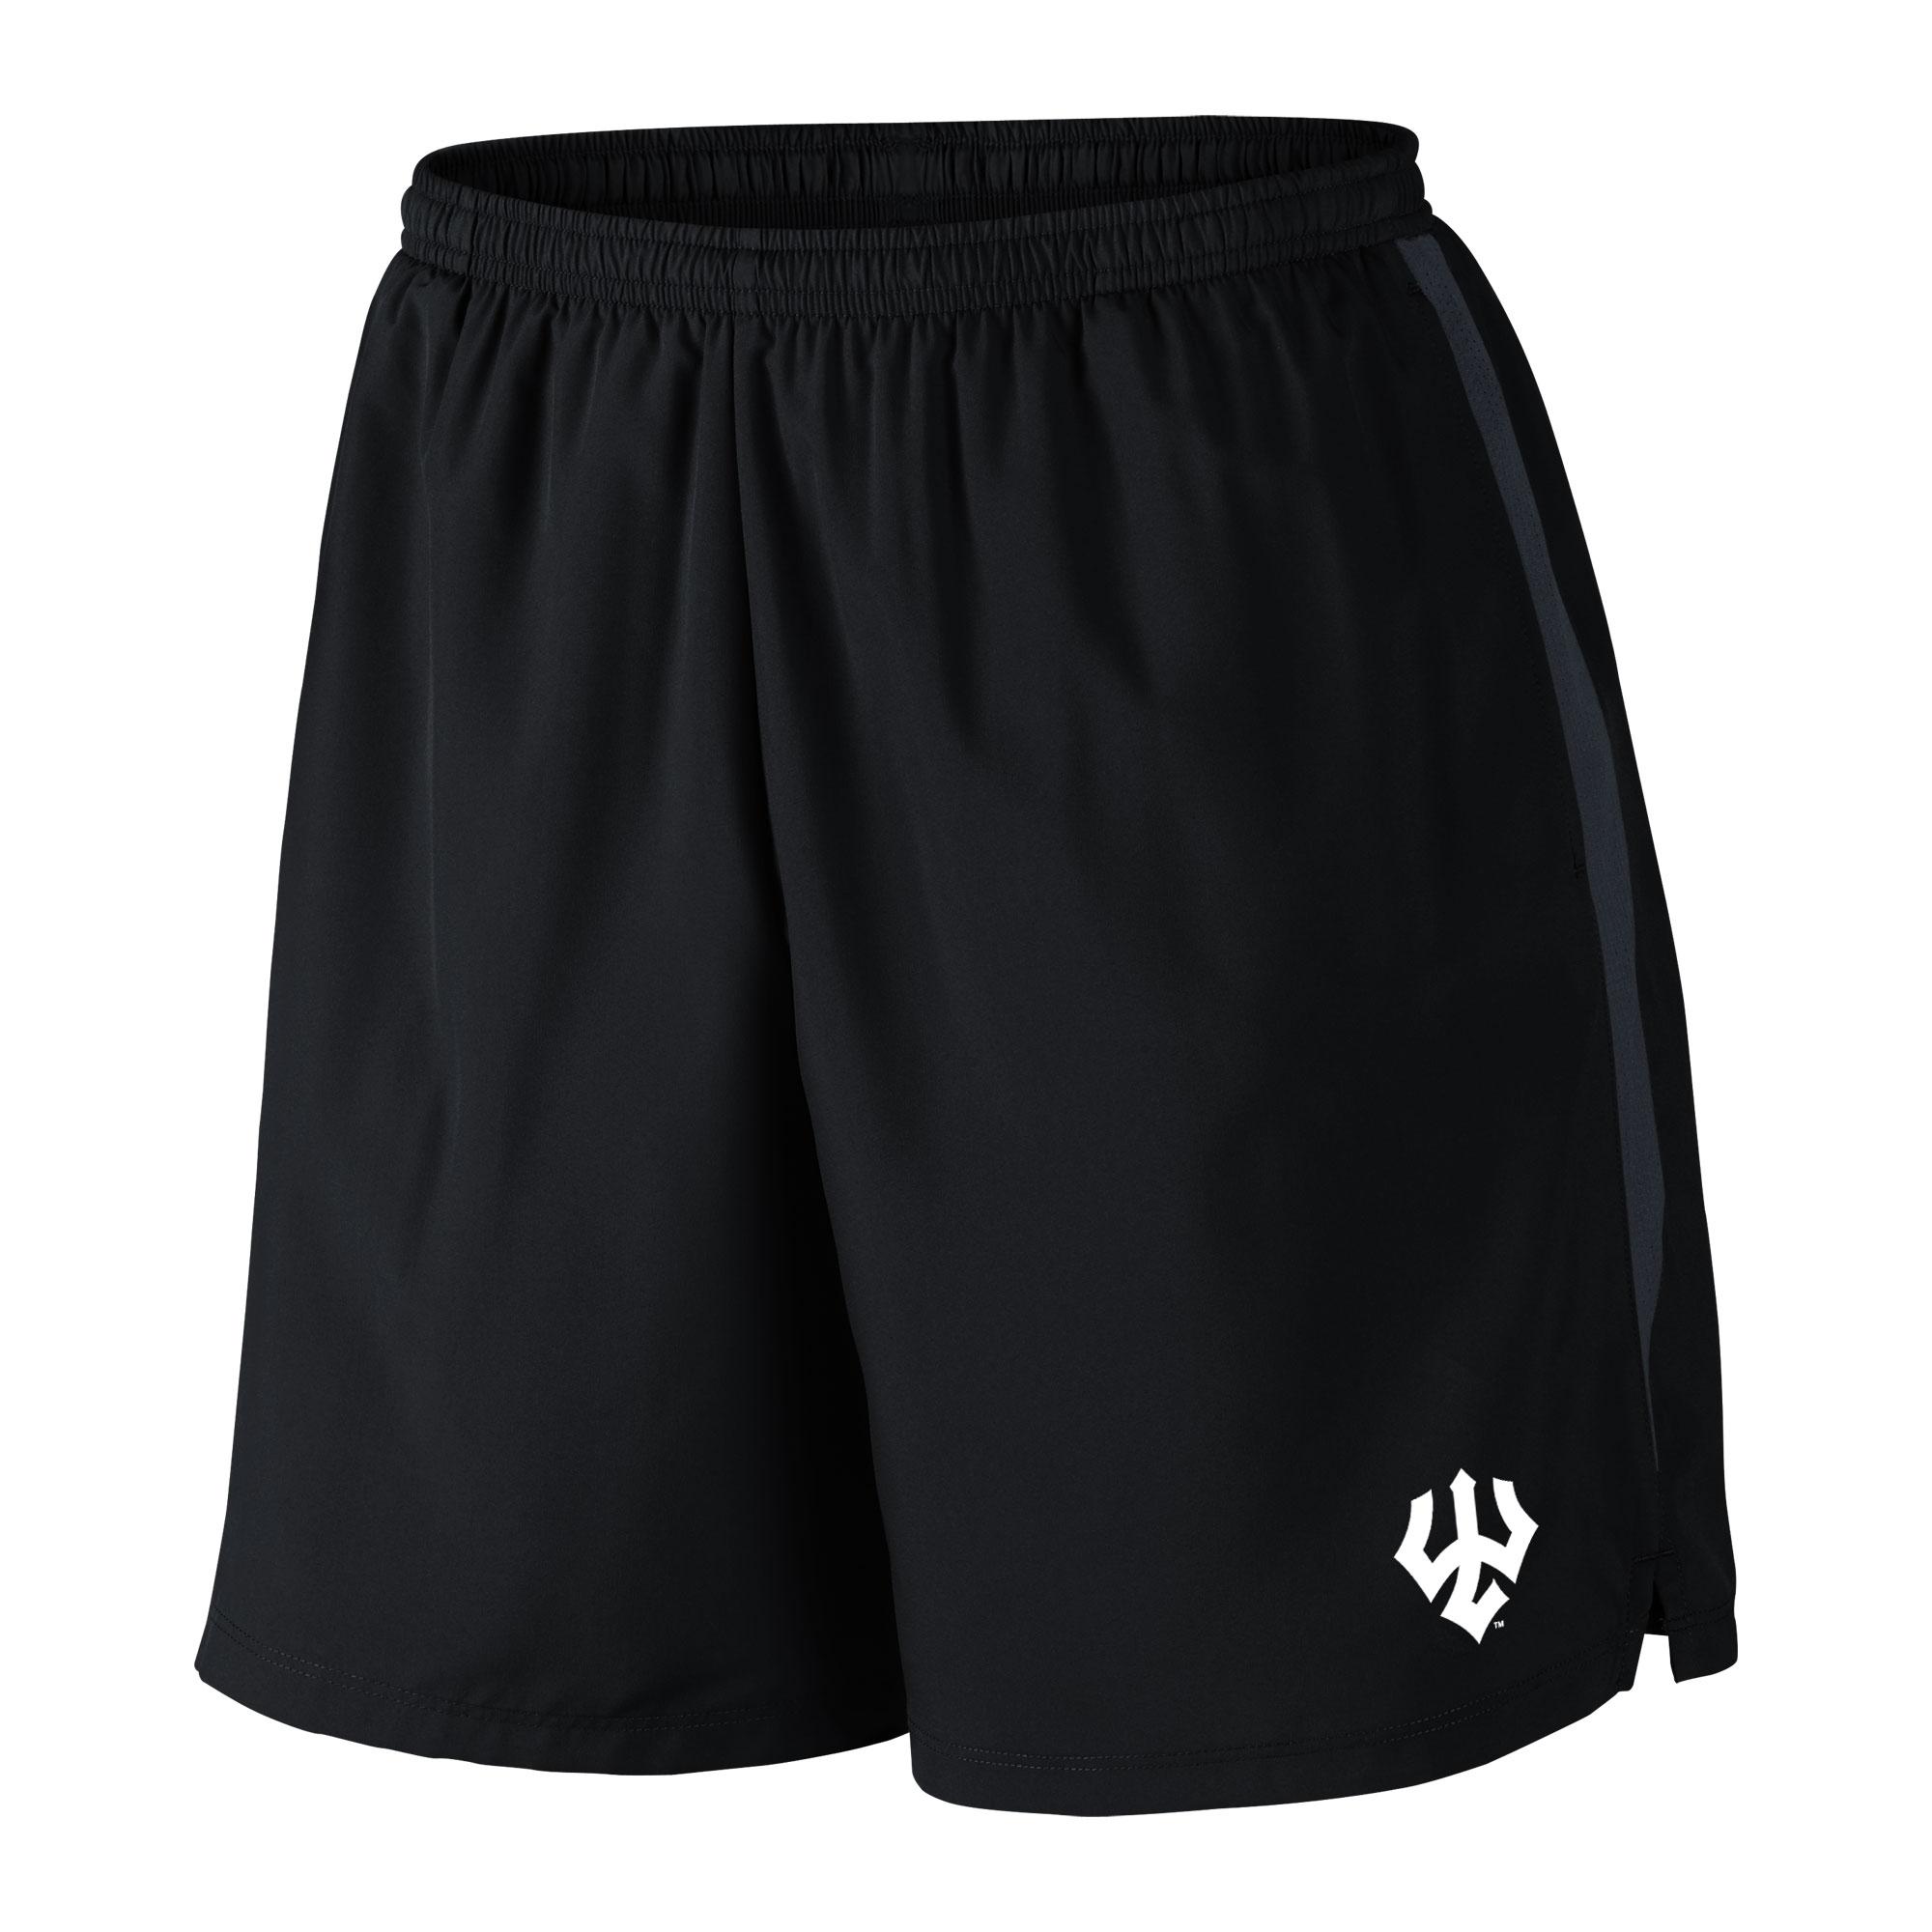 Nike Challenger Short